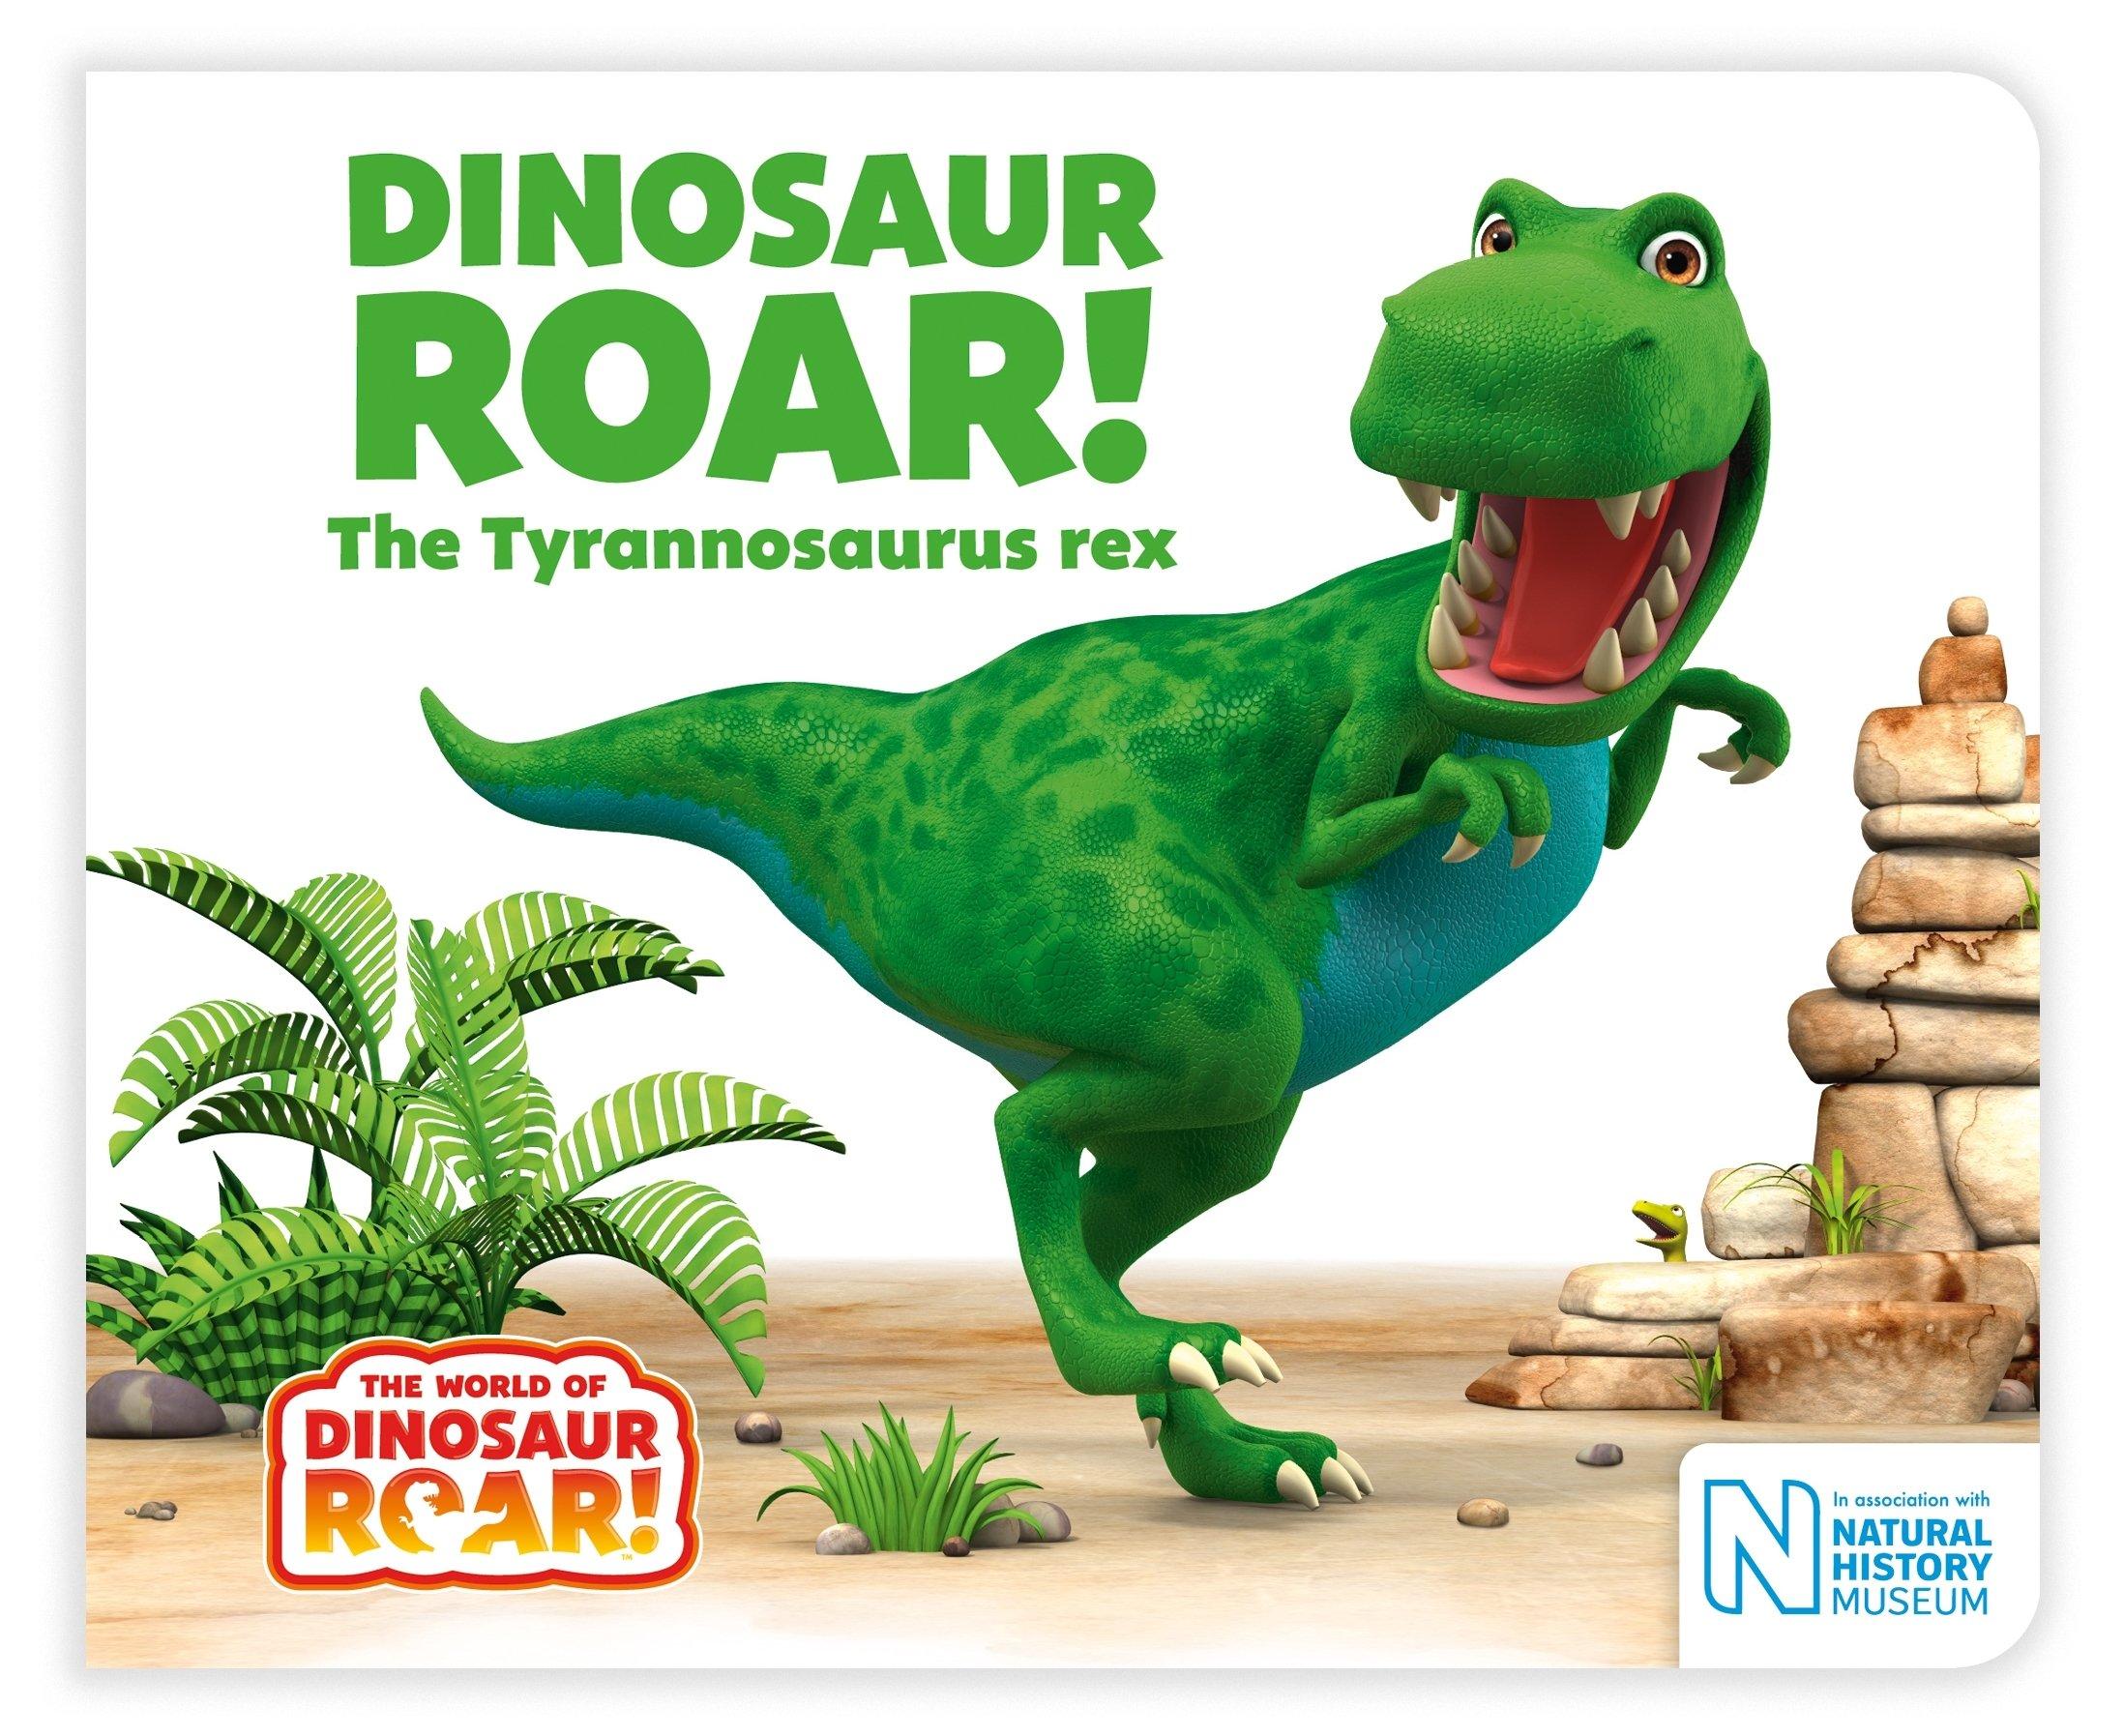 Dinosaur Roar! The Tyrannosaurus rex The World of Dinosaur Roar!:  Amazon.co.uk: Willis, Jeanne, Peter Curtis: Books